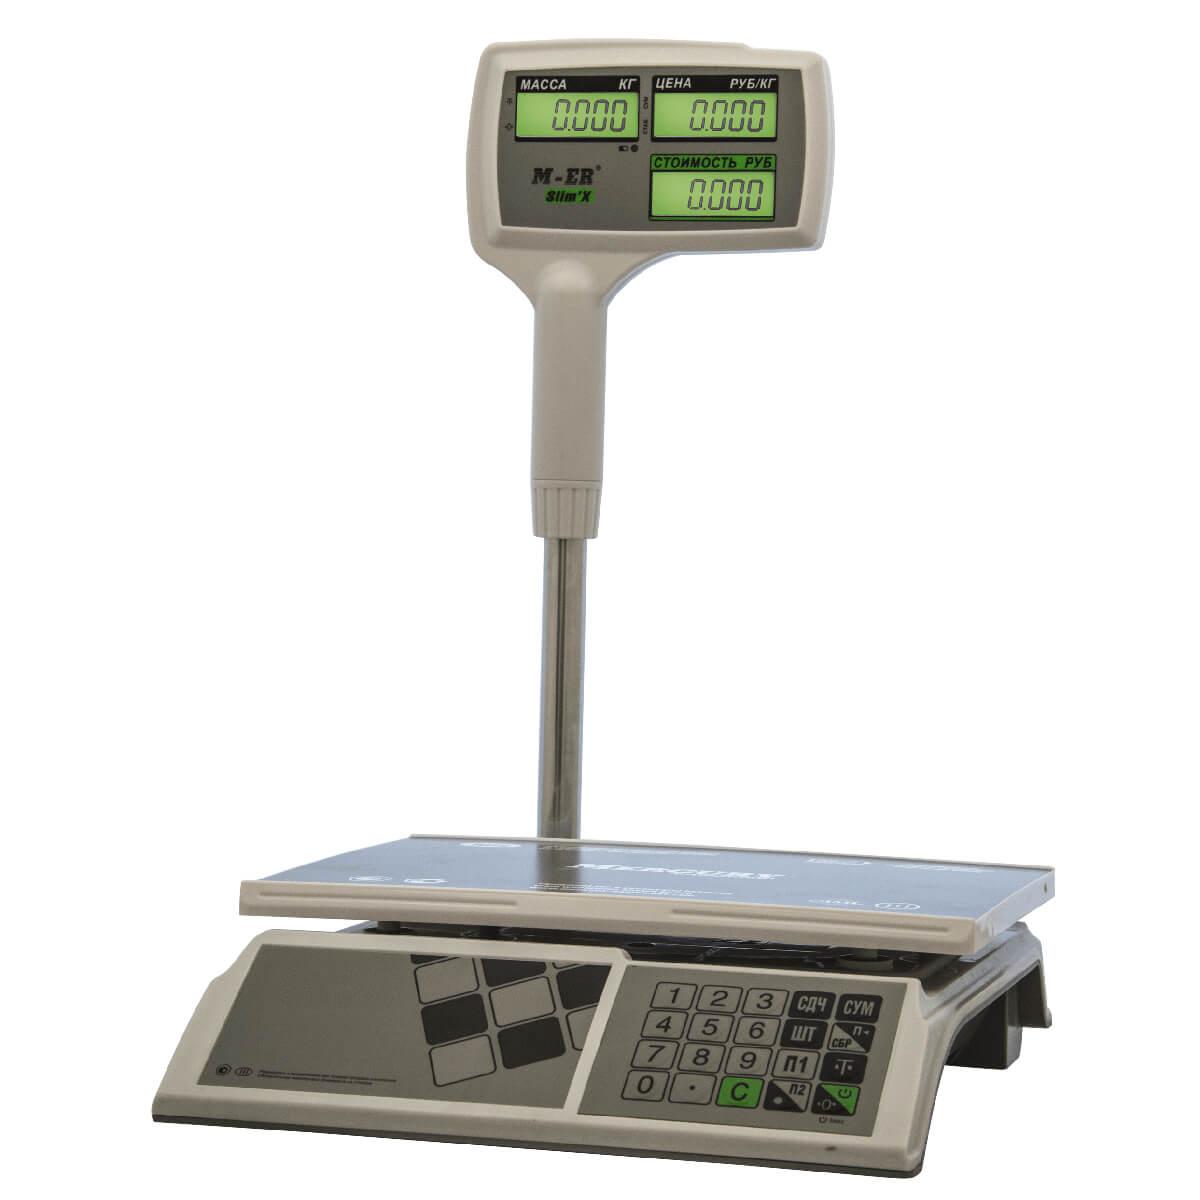 Торговые настольные весы M-ER 326 ACPX-15.2 «Slim'X» LCD Белые